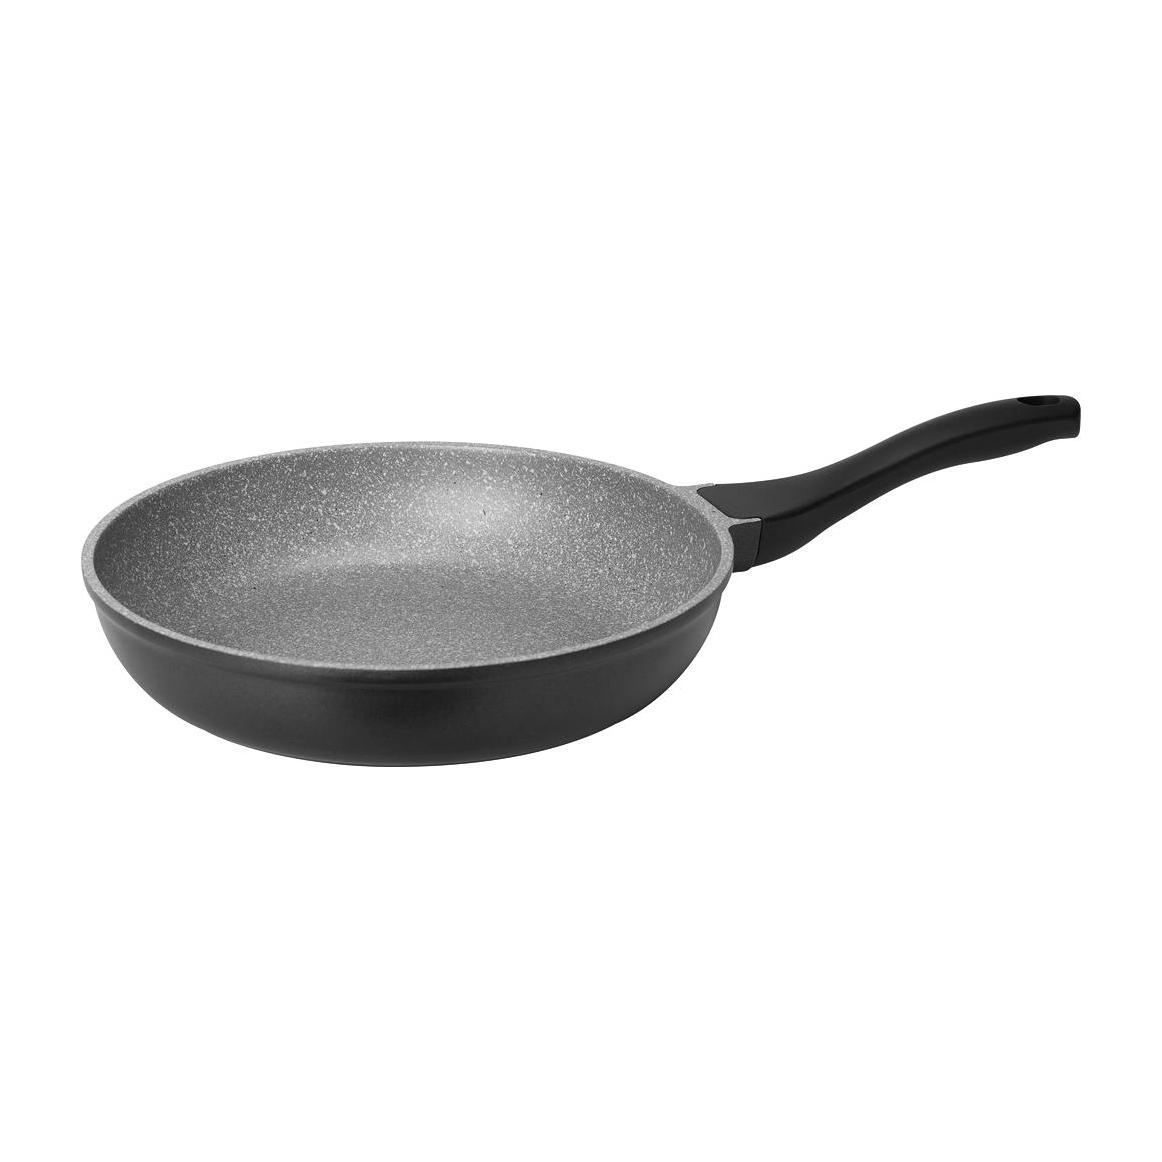 Сковорода Nadoba Grania 24 см (728118) сковорода d 24 см kukmara кофейный мрамор смки240а